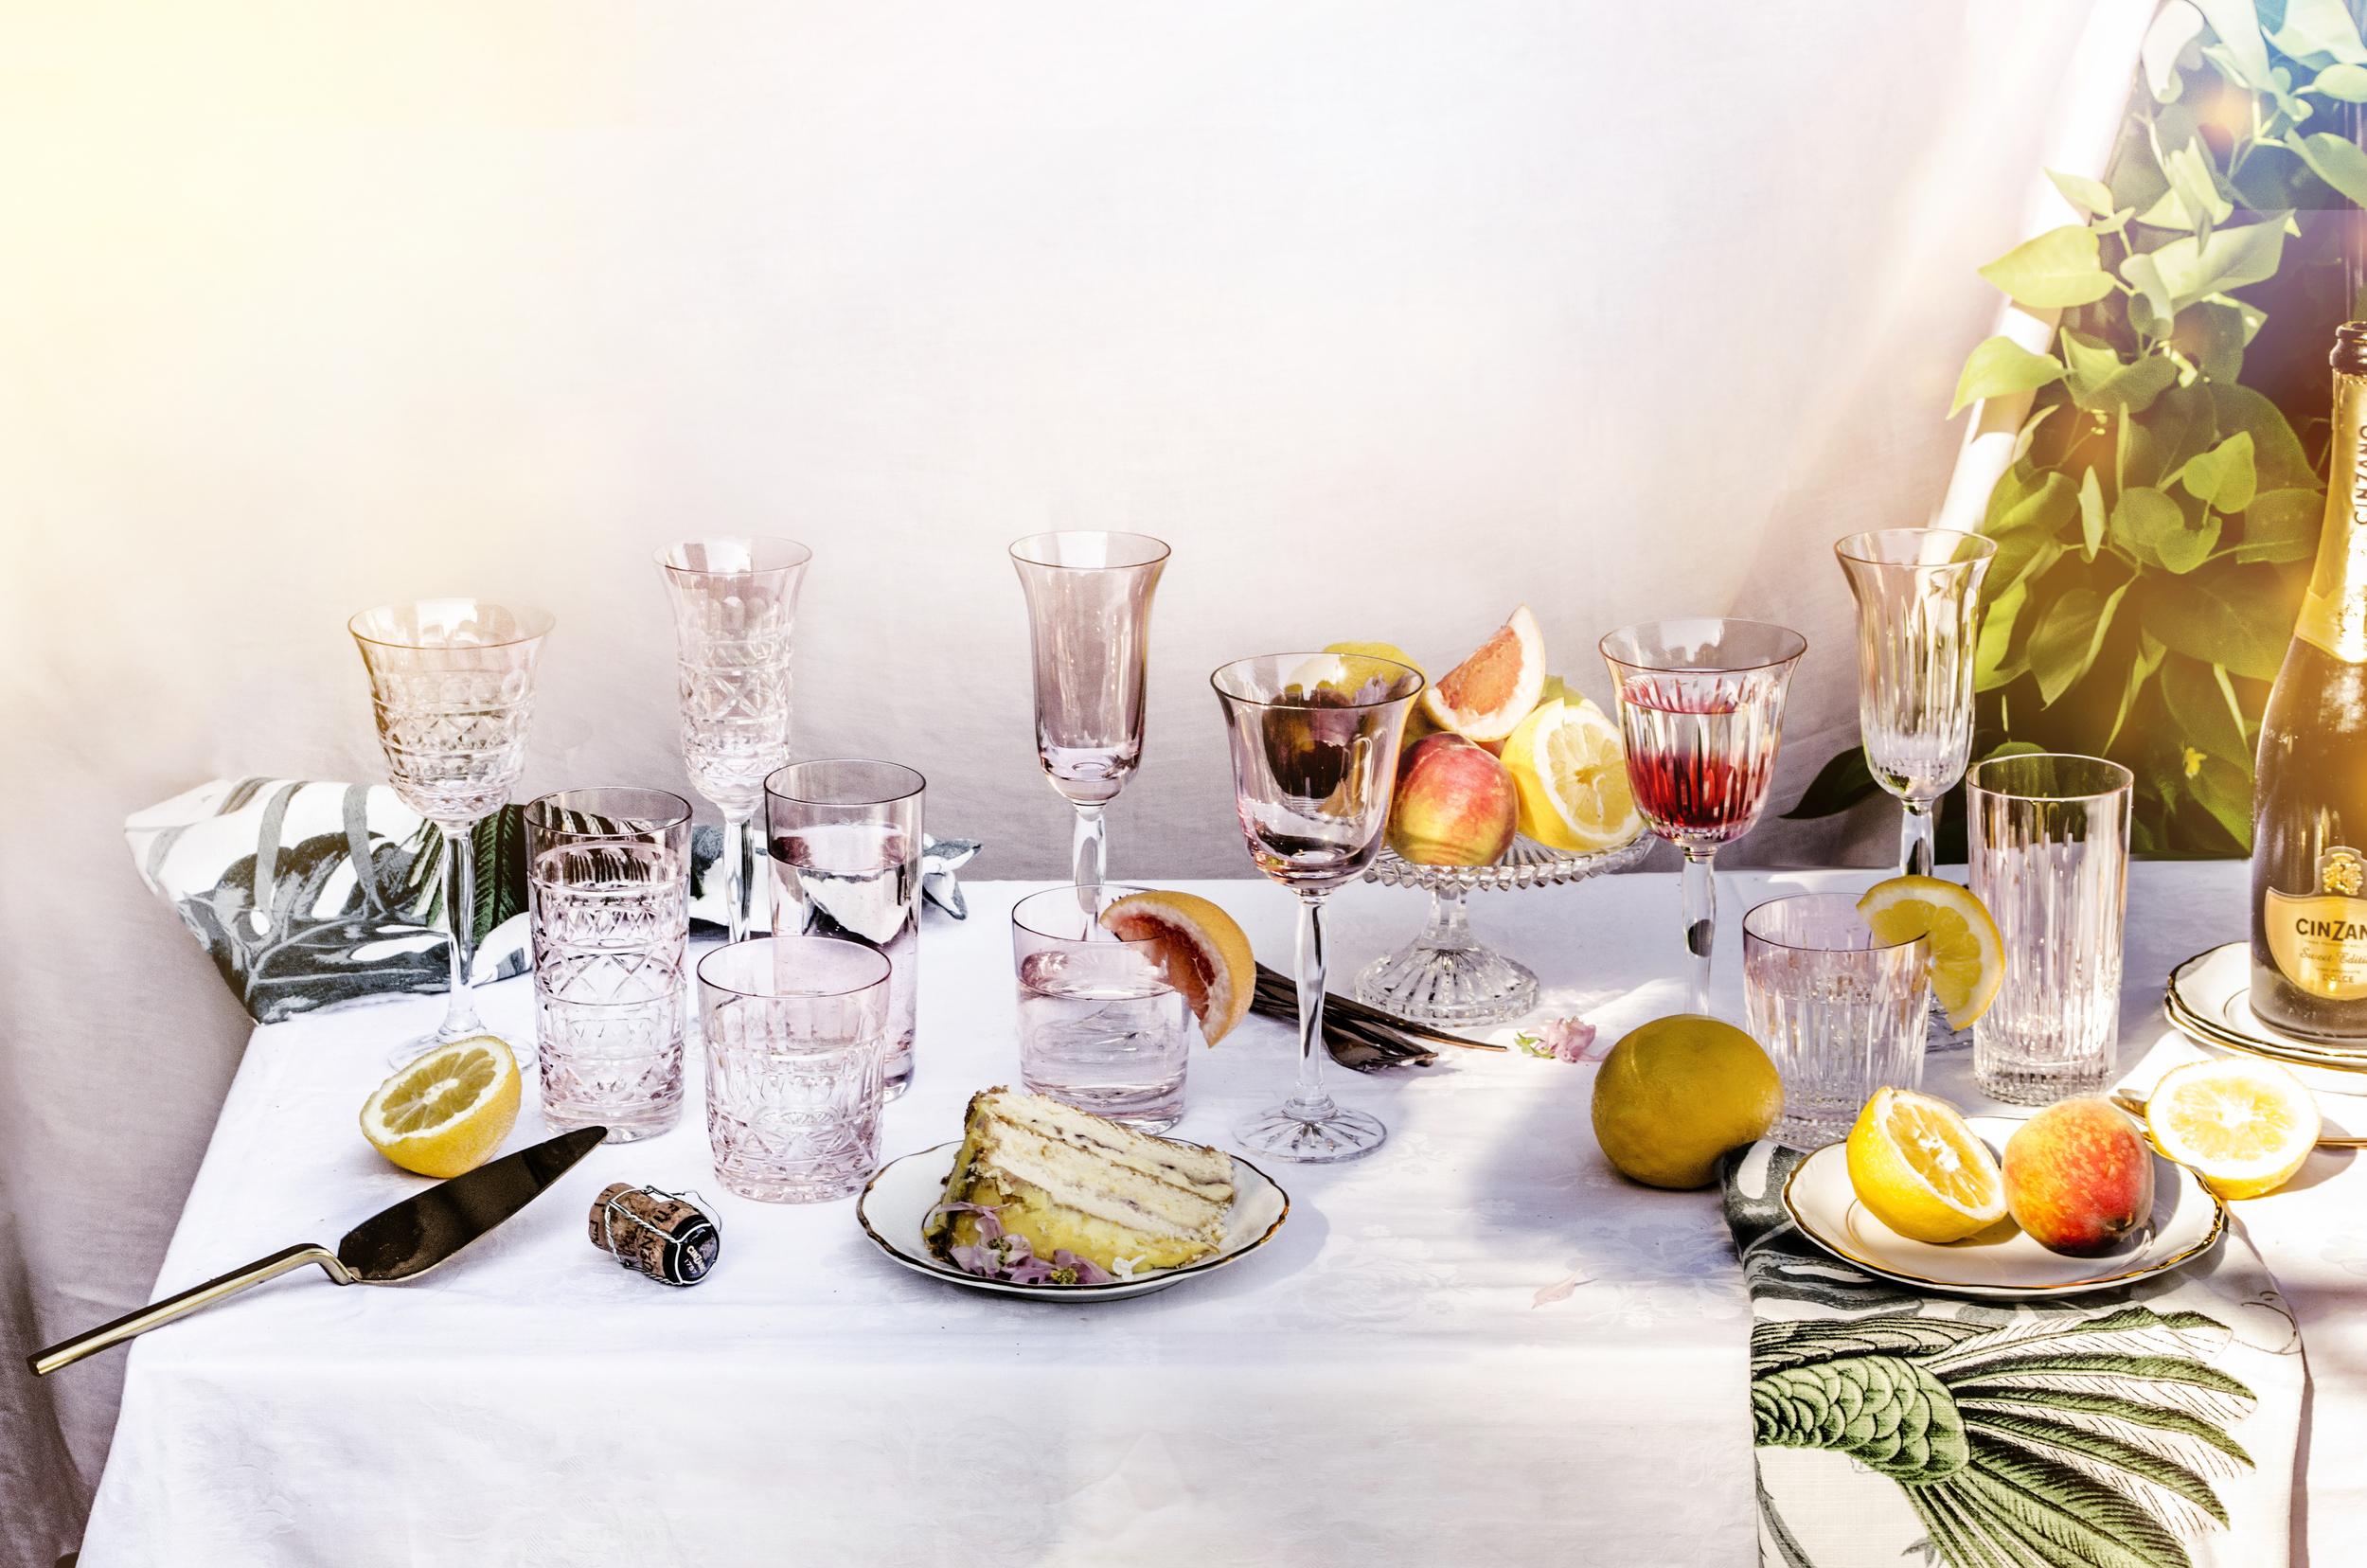 Veranda Champagne Flutes 3 Pcs Huta Julia 14685 Formadore